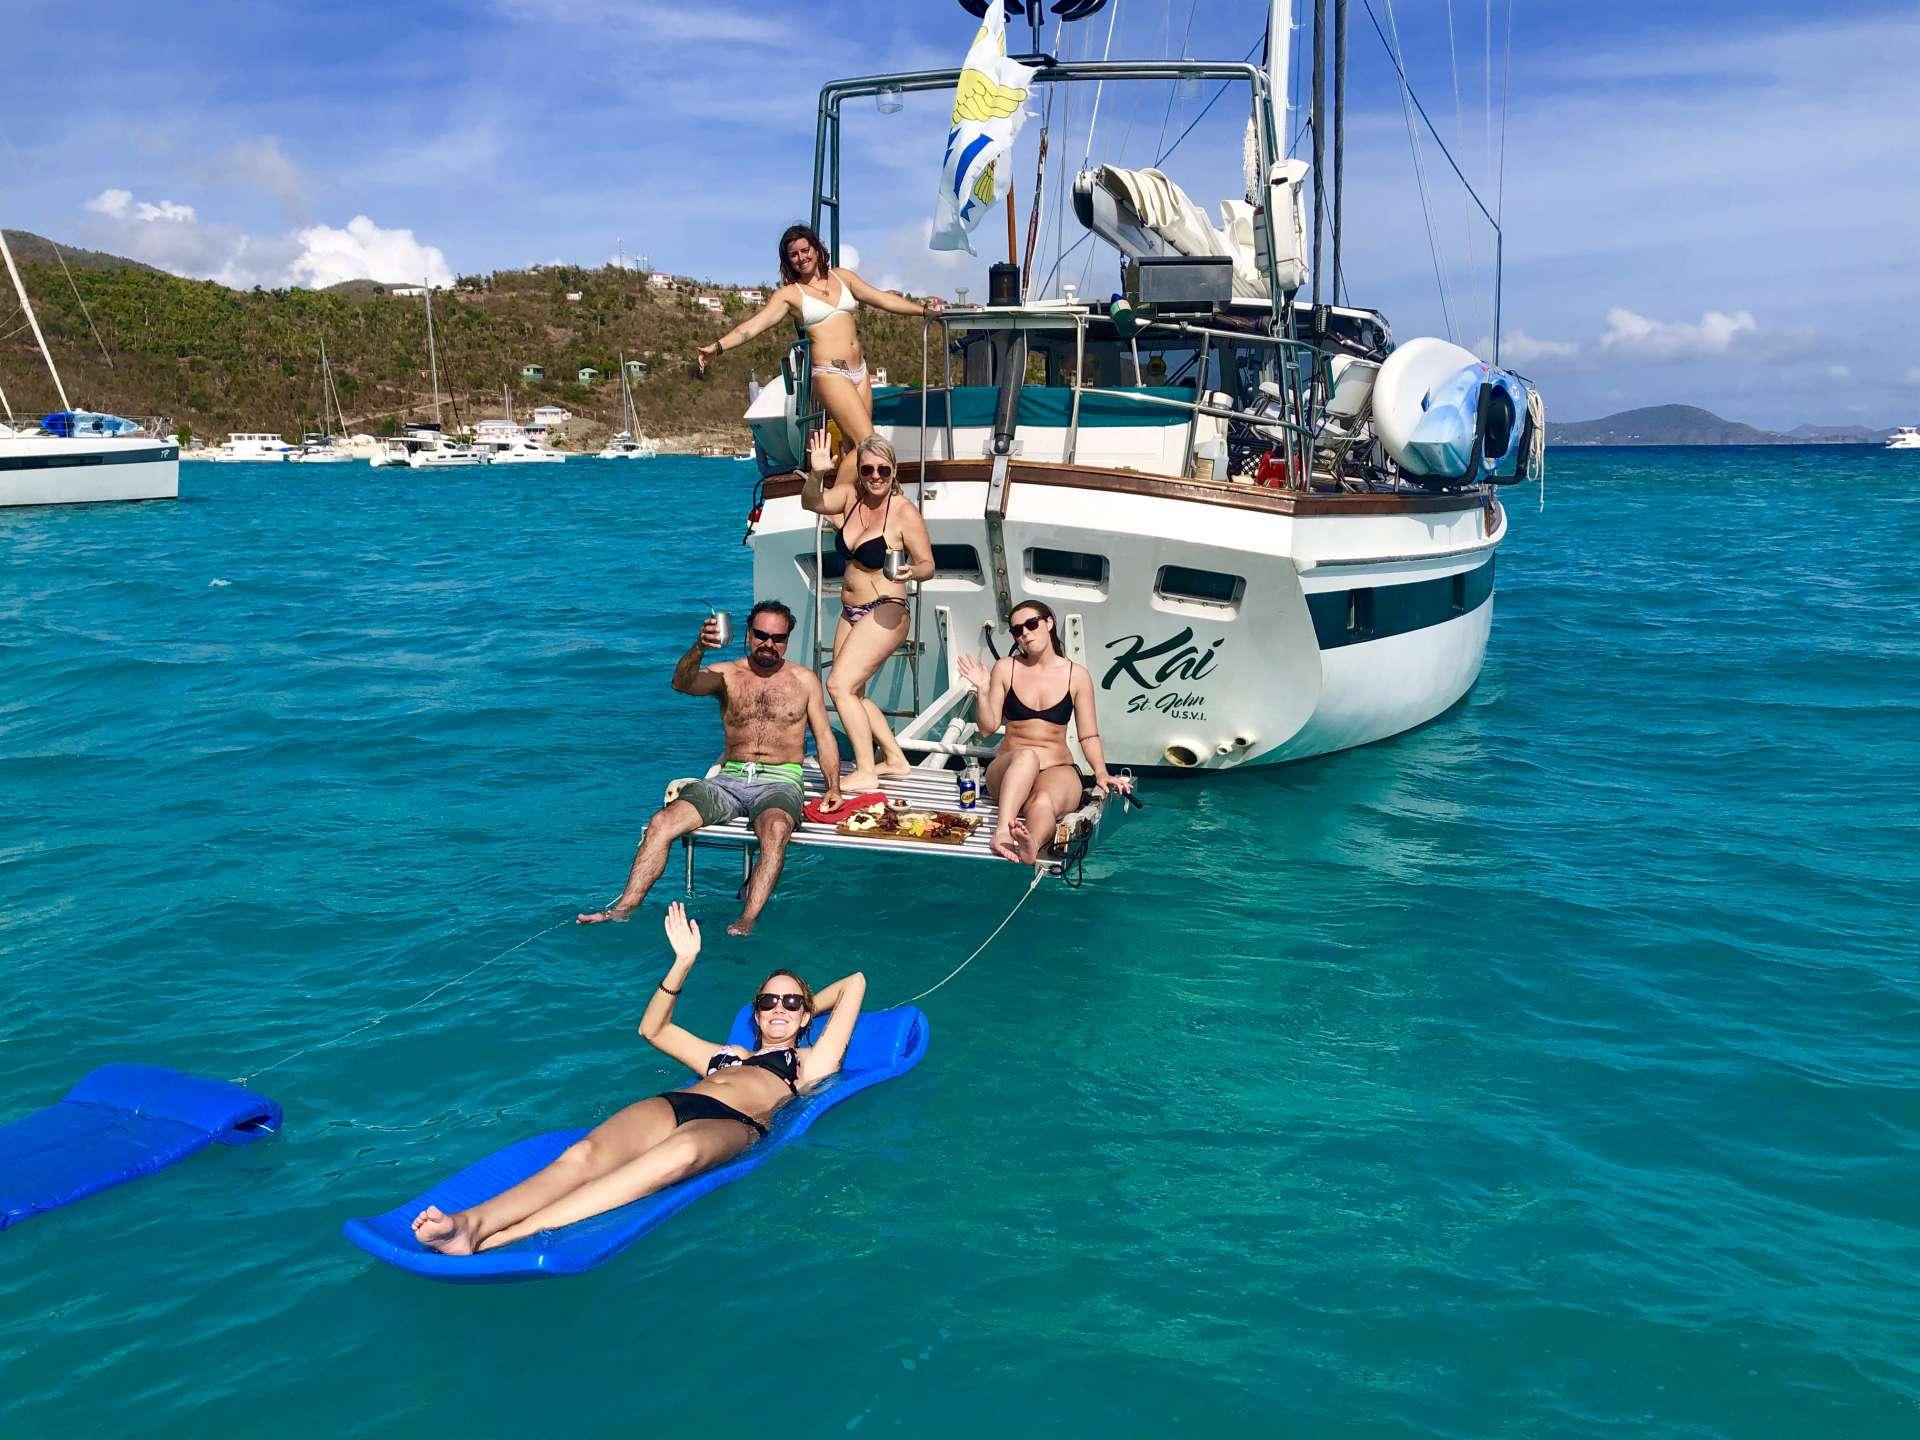 Image of KAI yacht #15